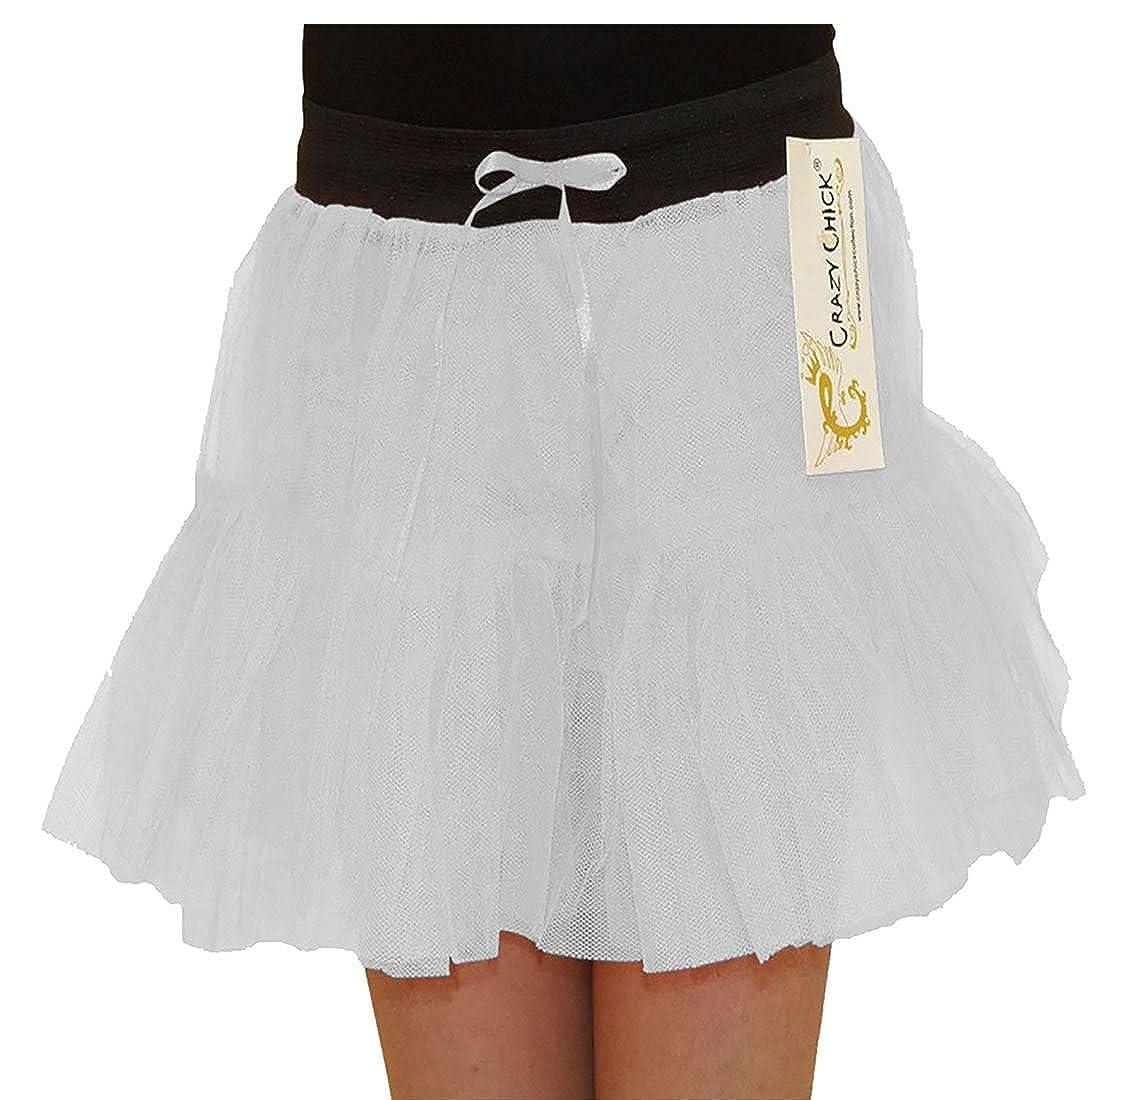 Rimi Hanger Girls Fancy 2 Layer Tutu Skirt Children Ballet Dance Wear Fancy Dress Skirt 5-10 Years